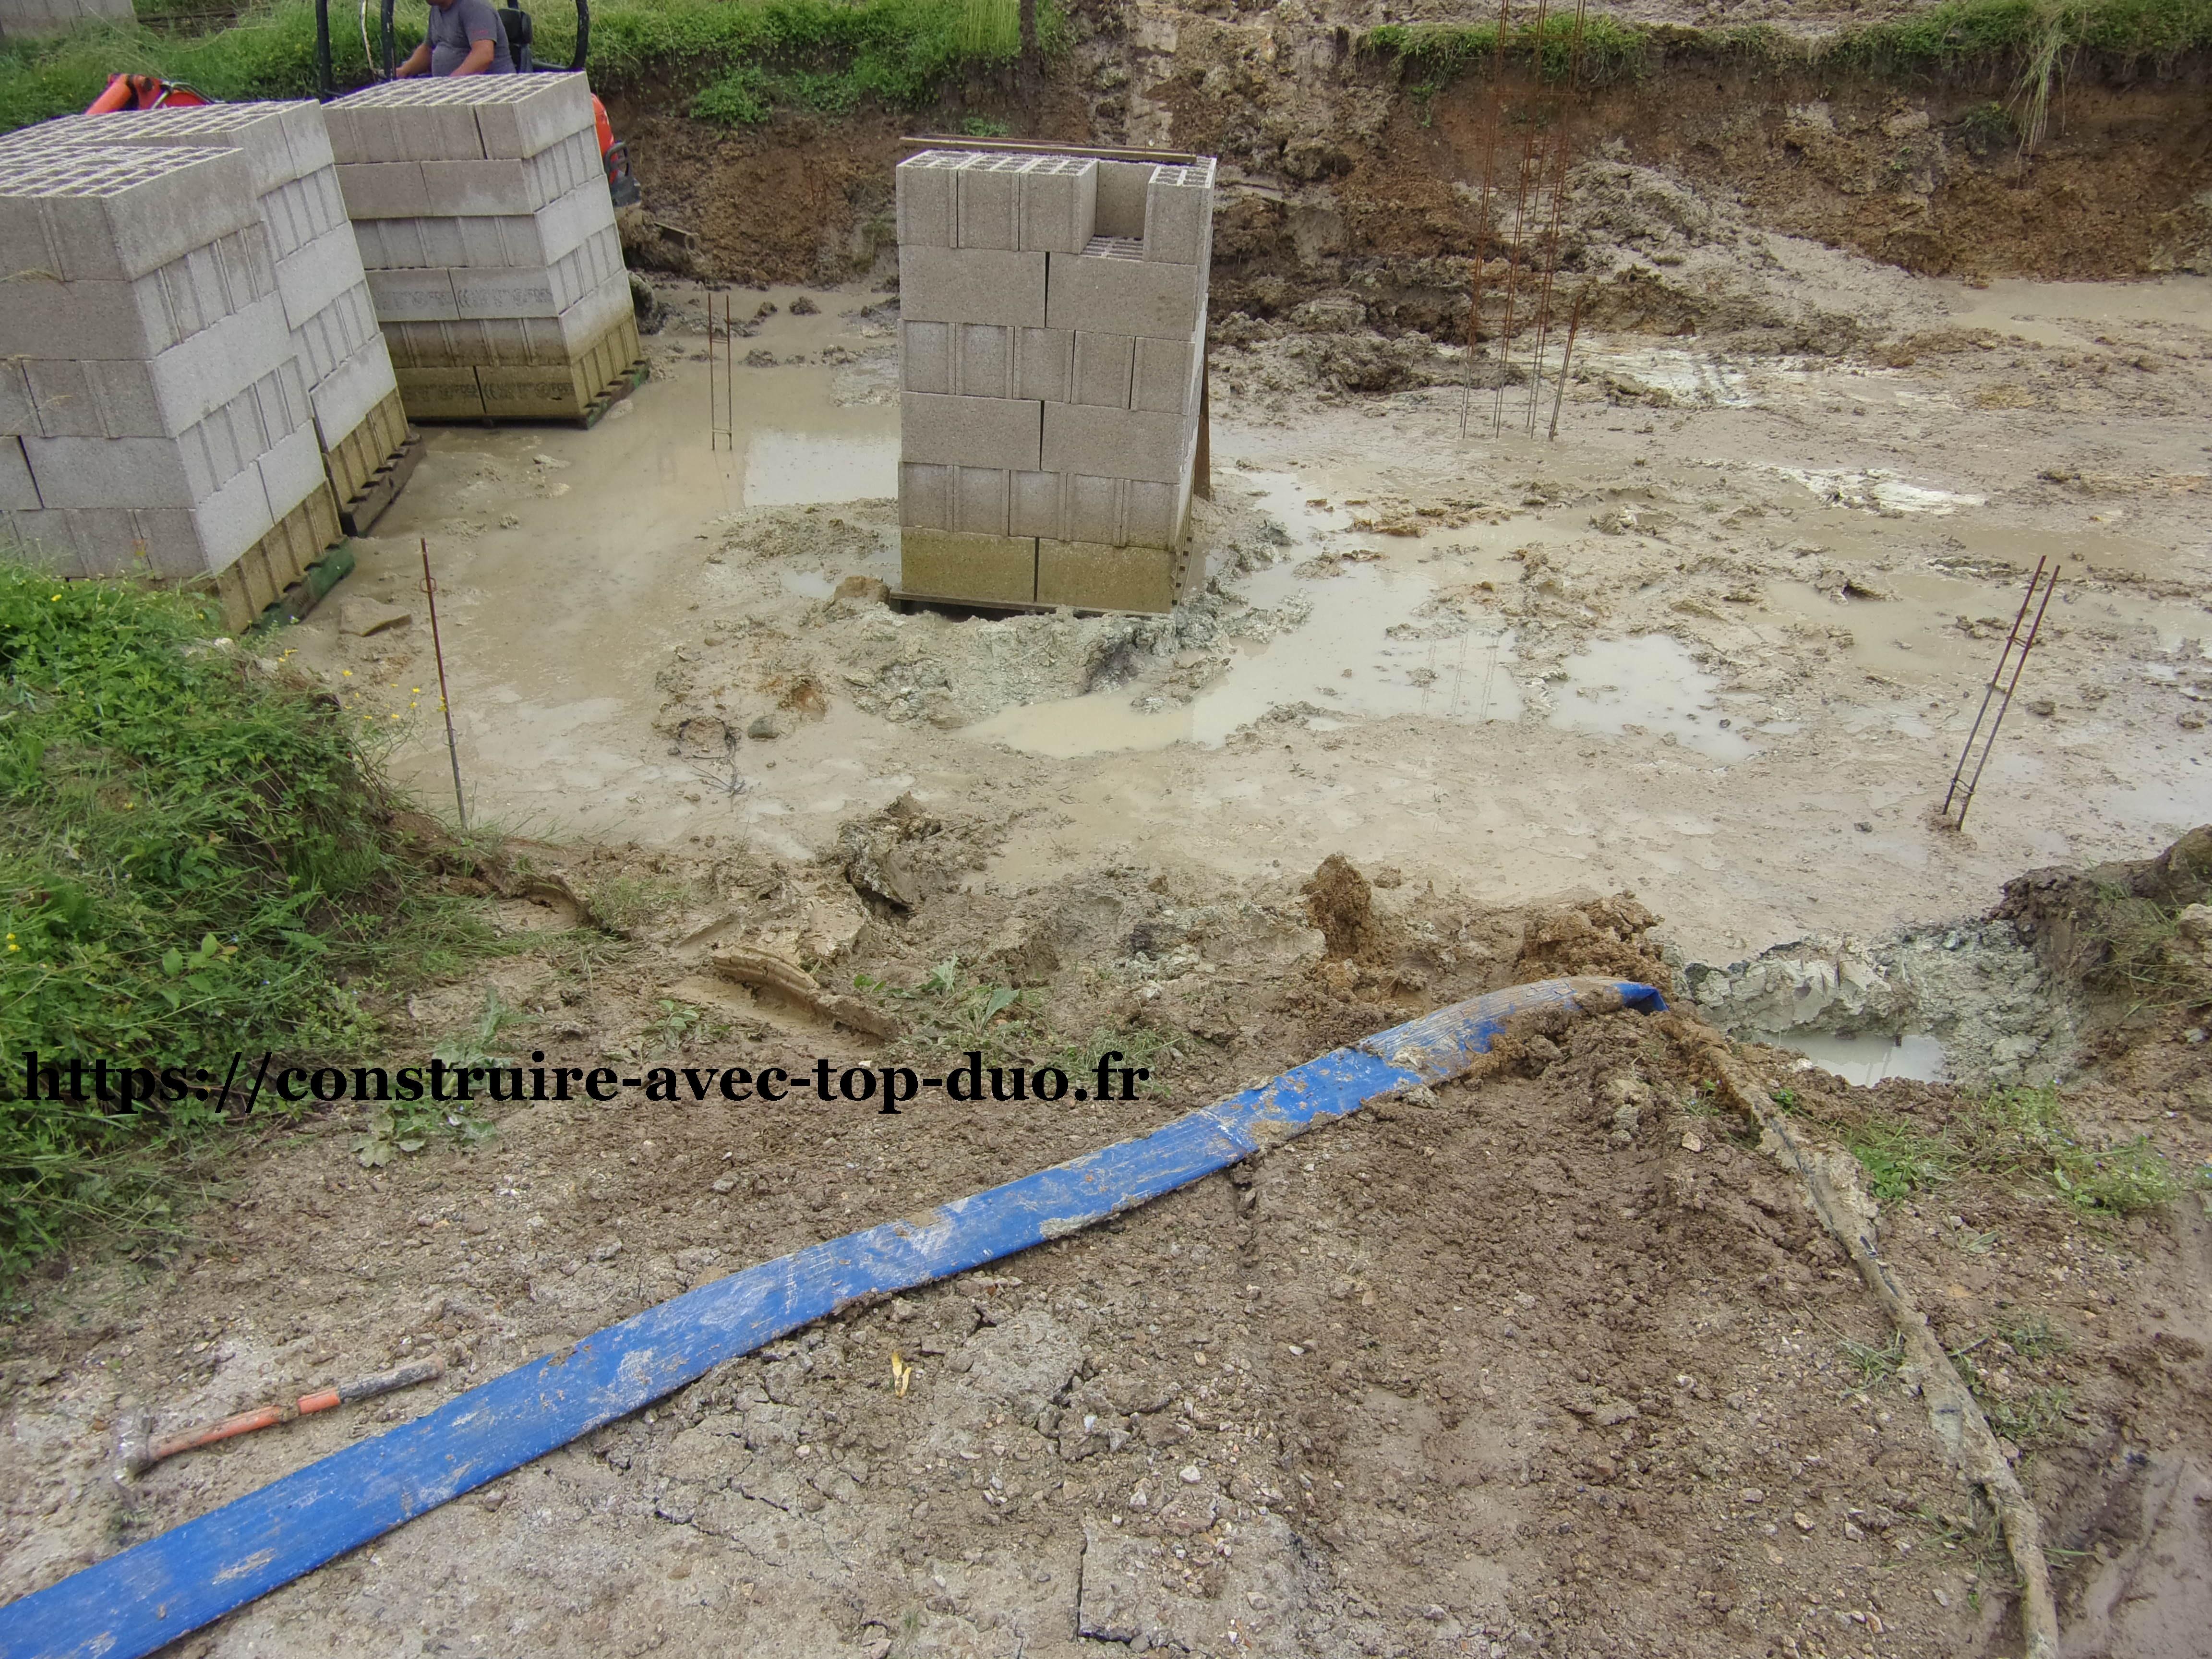 Chantier TOP DUO pompage  de l'eau